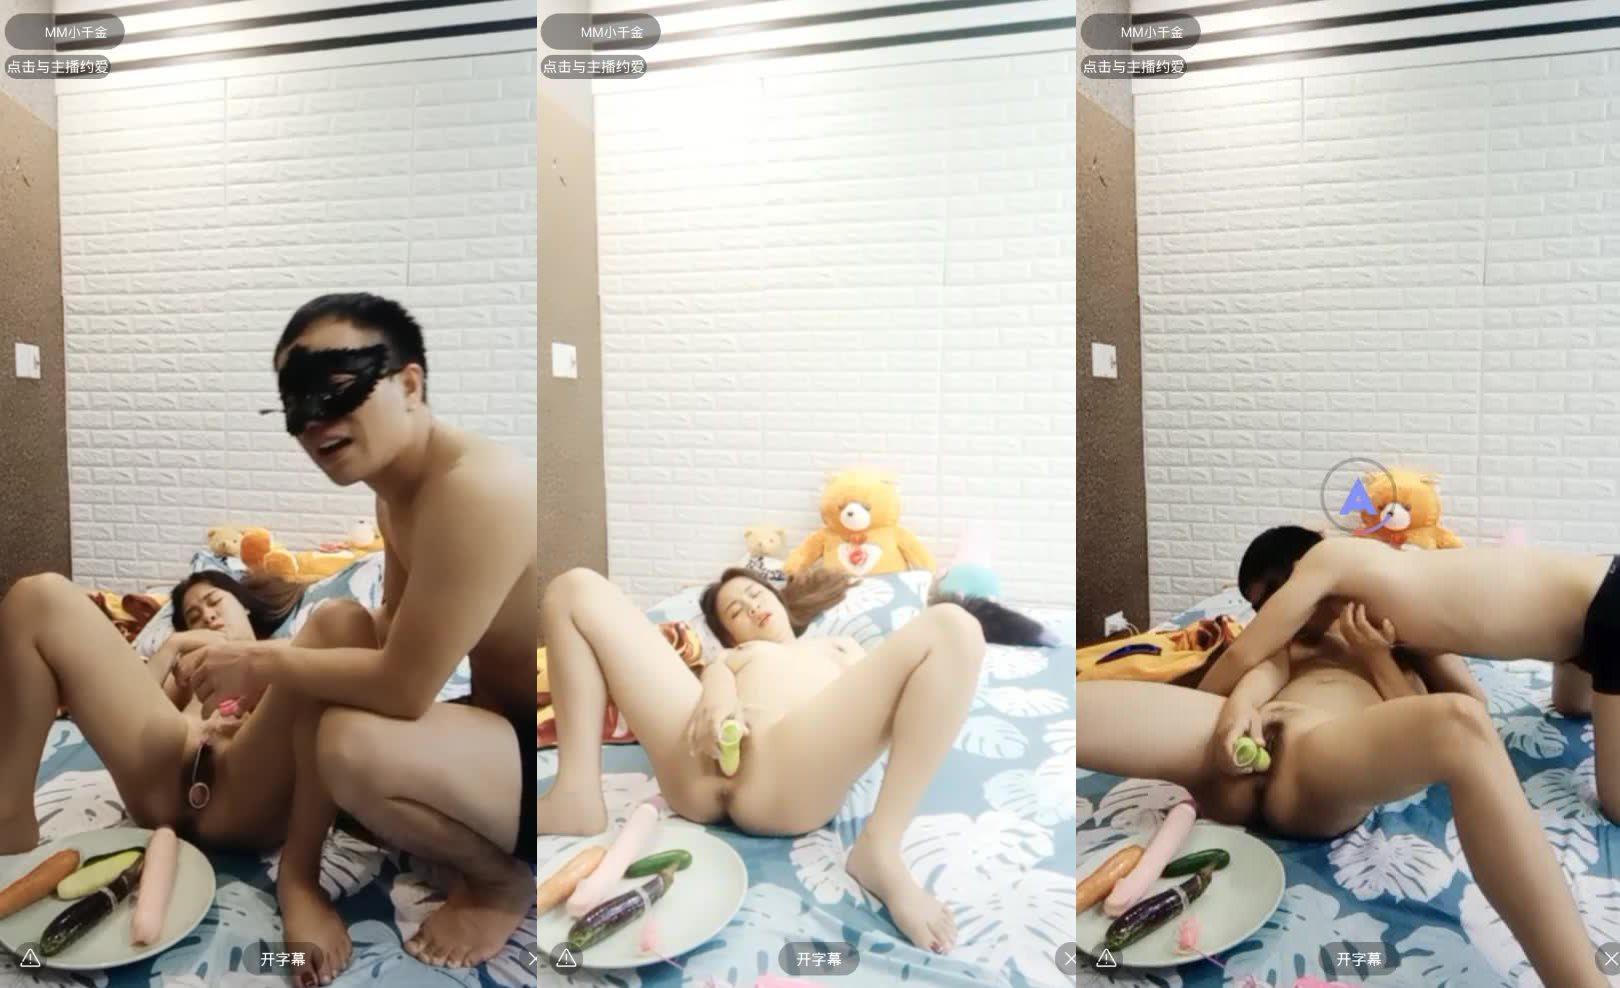 眼镜闷骚哥带越南美女做黄播各种黄瓜茄子跳蛋做节目深喉口交无套操编号01106